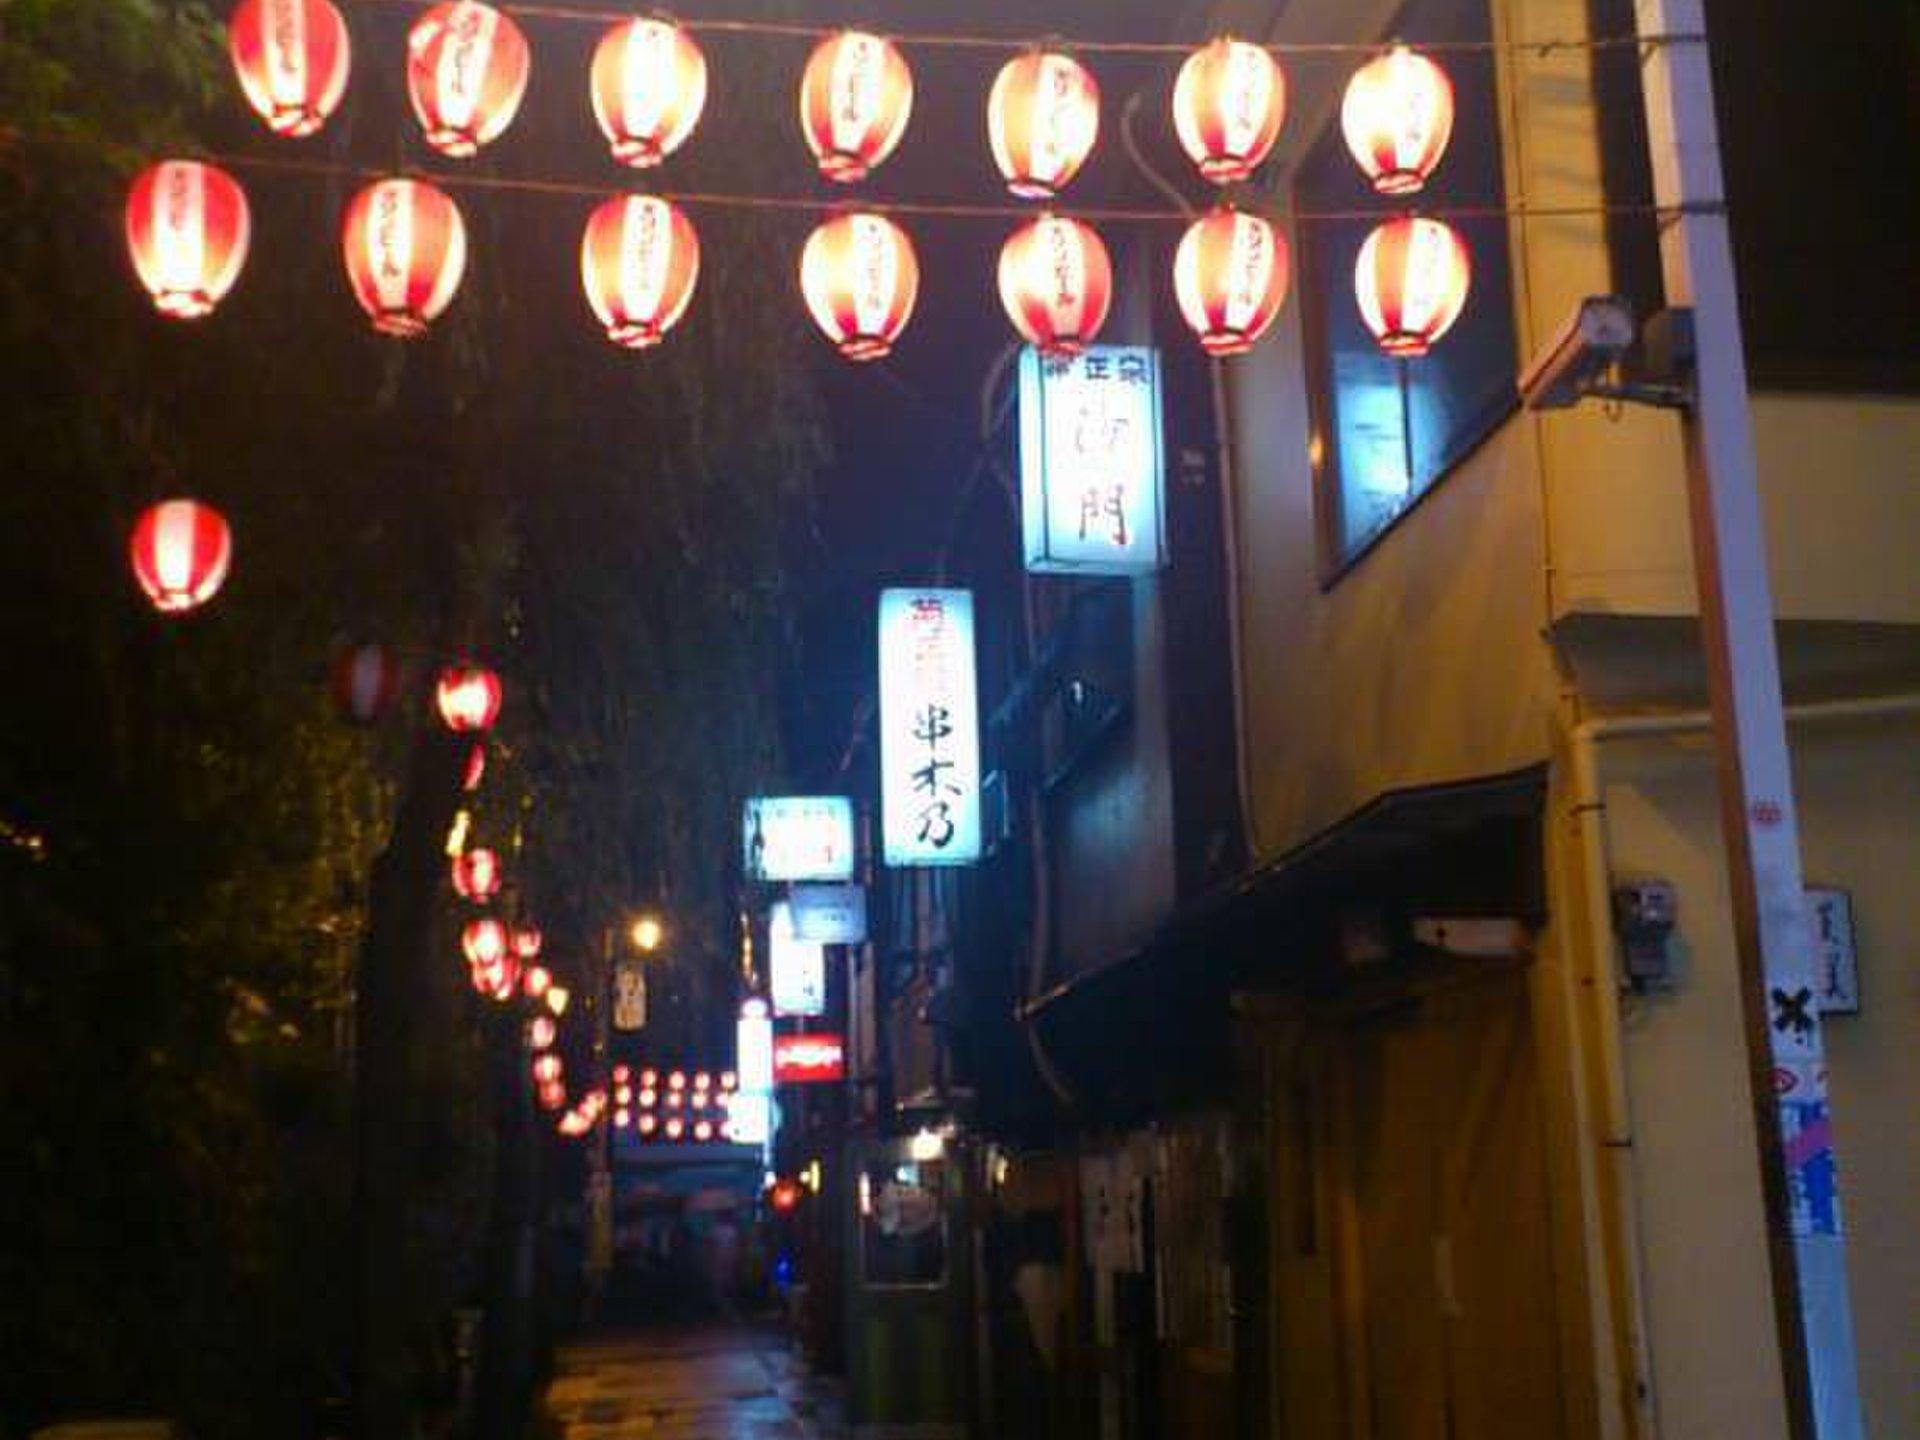 渋谷で飲み会!ディナーにもおすすめピザに締めのラーメン!飲み歩き大学生におすすめプラン